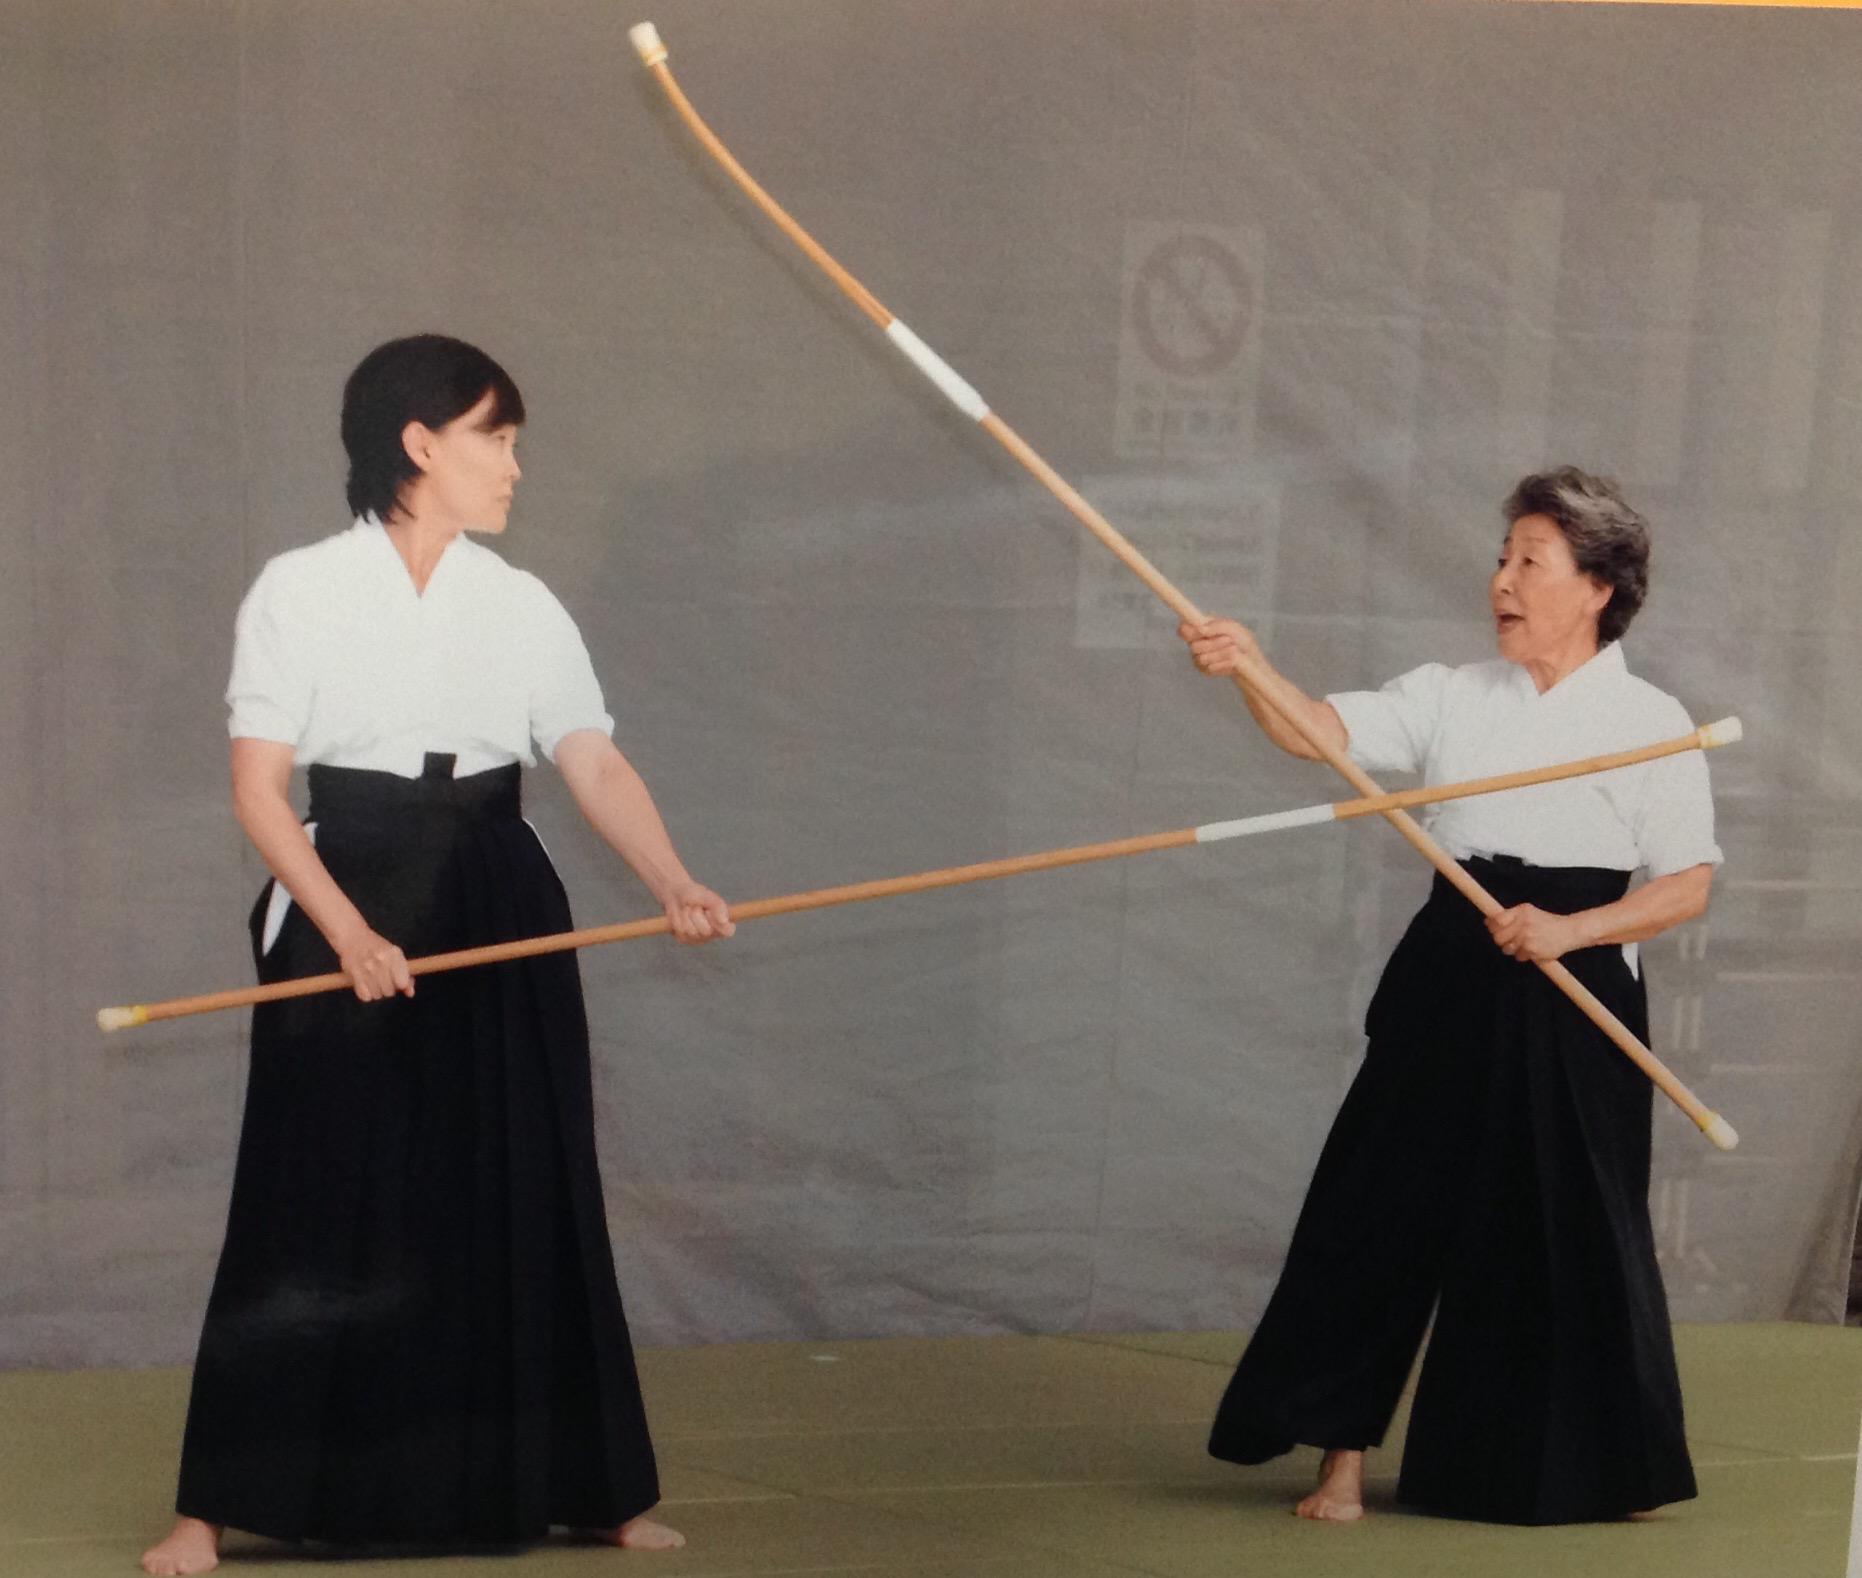 橋本久美子氏と安倍昭恵氏